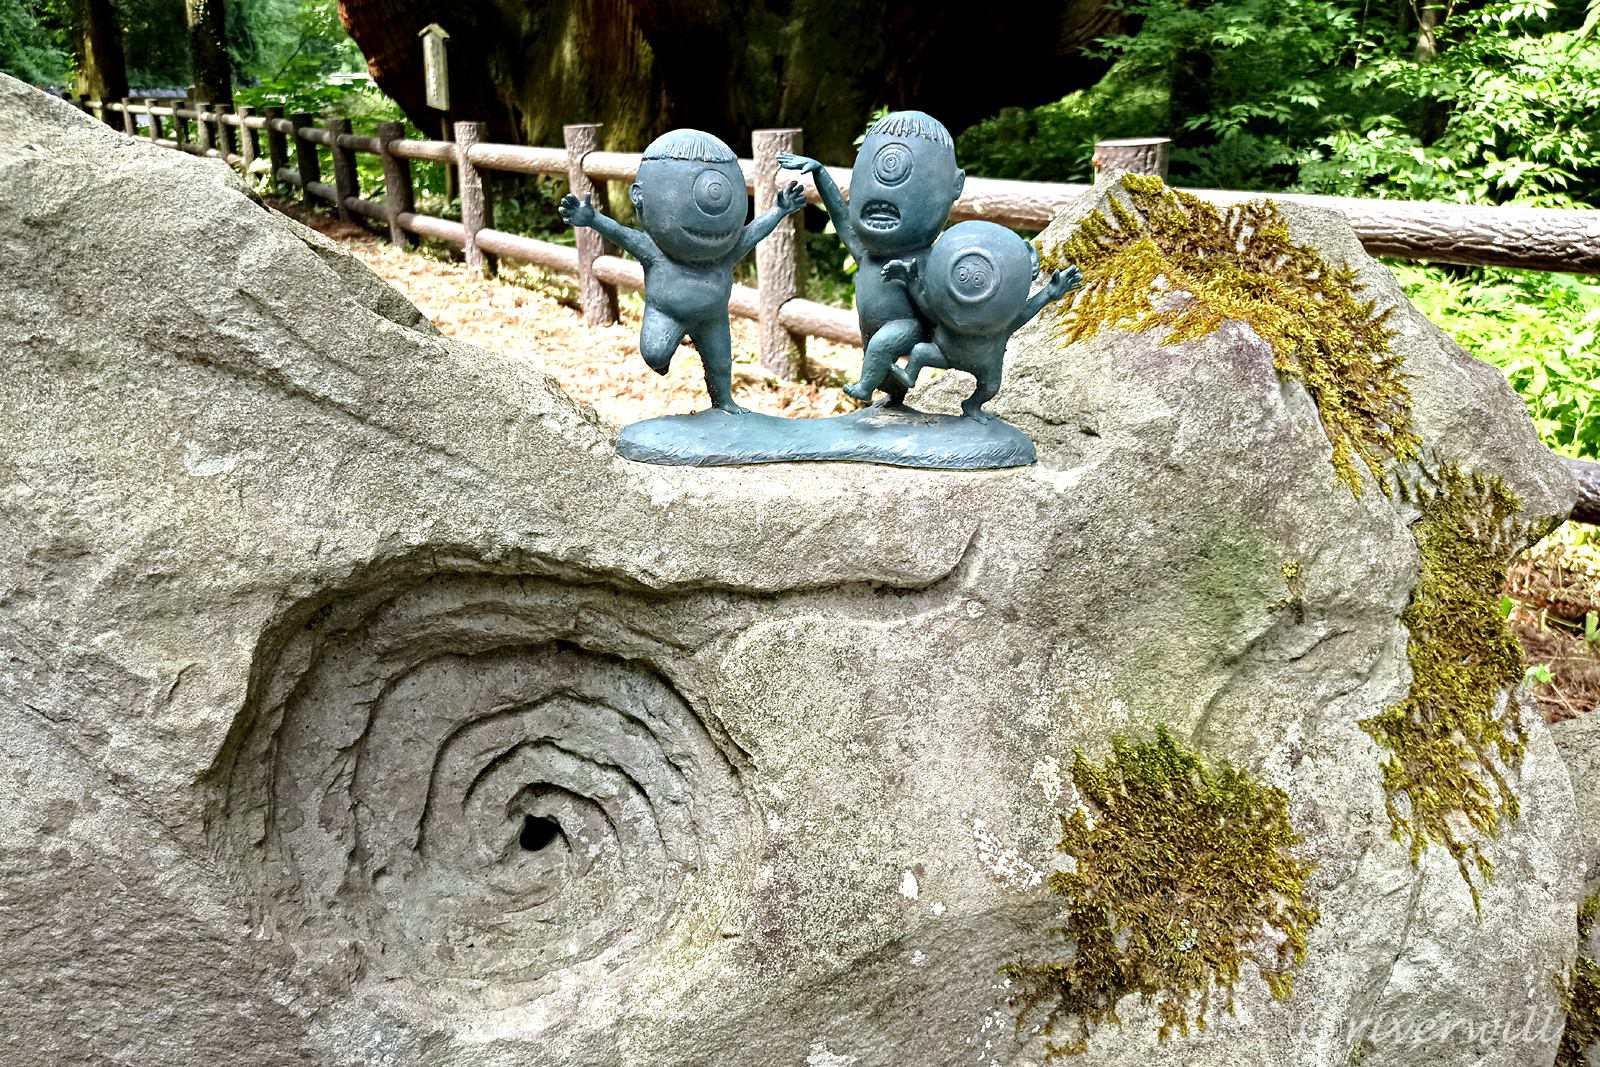 かぶら杉の前に置かれた「セコ」の妖怪像